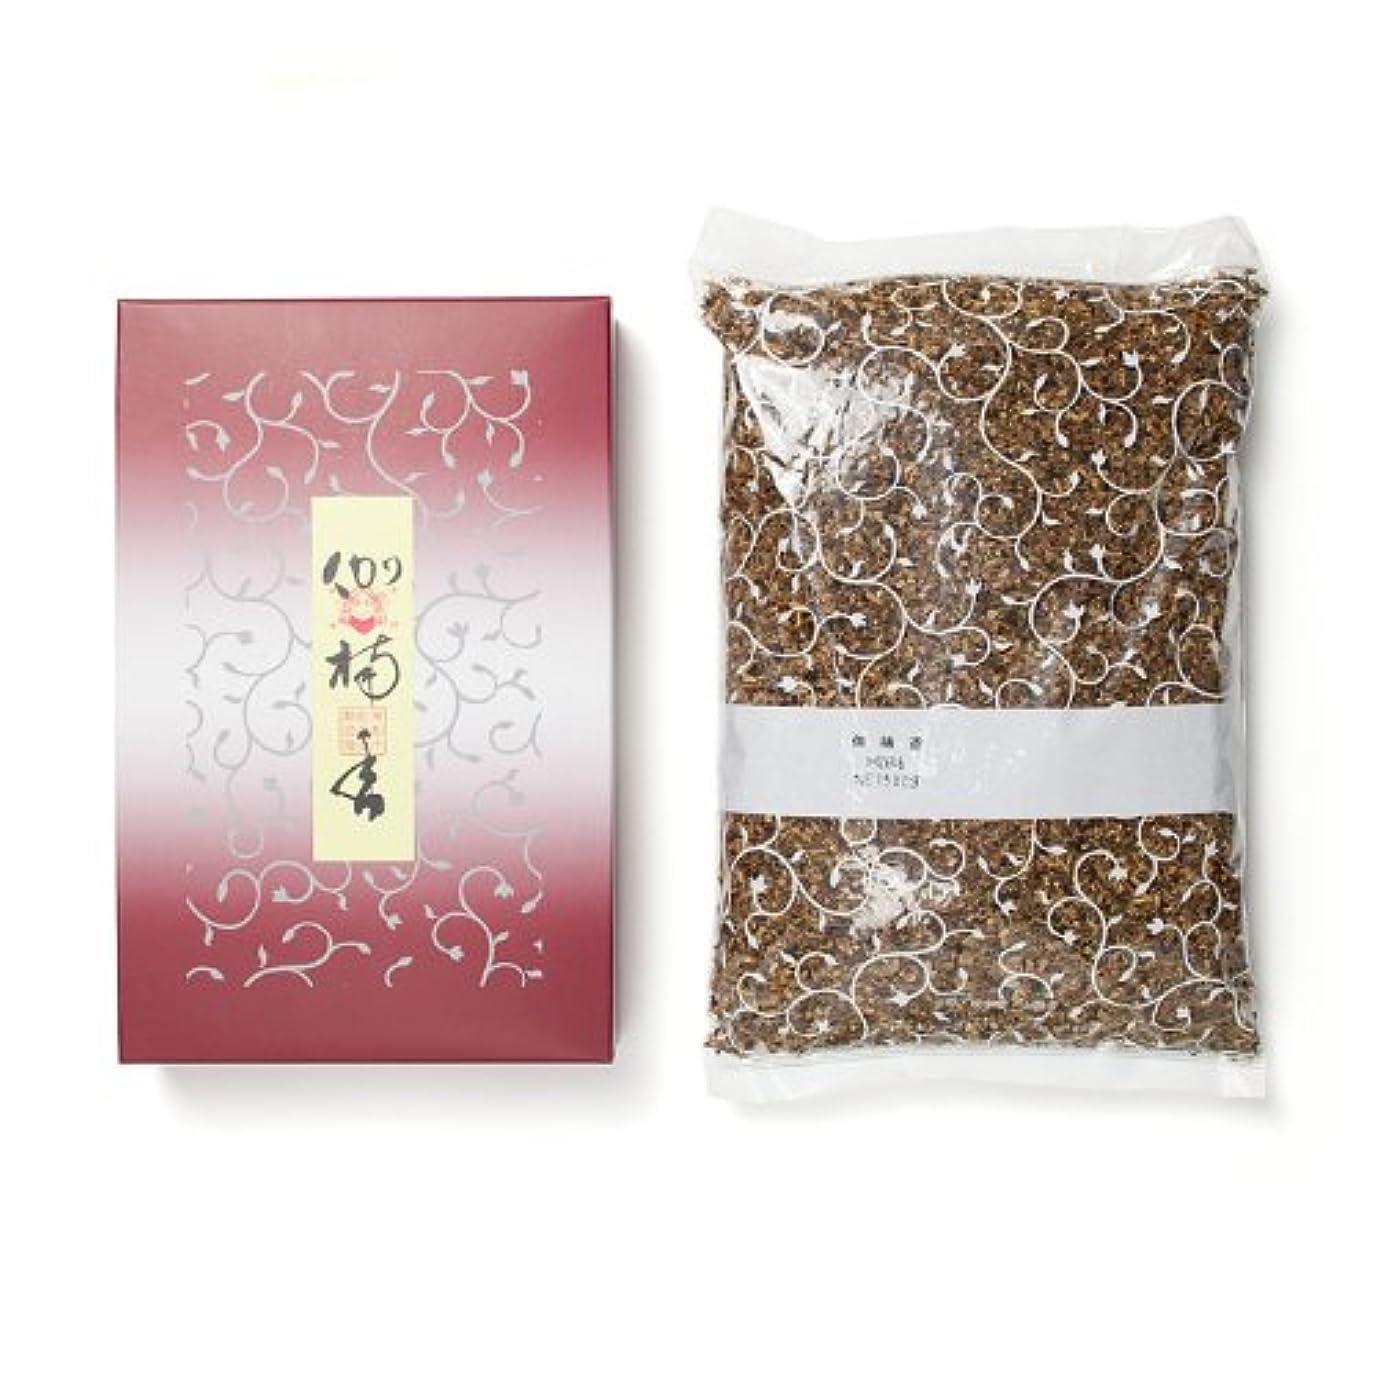 繁栄する交流する赤ちゃん松栄堂のお焼香 伽楠香 500g詰 紙箱入 #410611